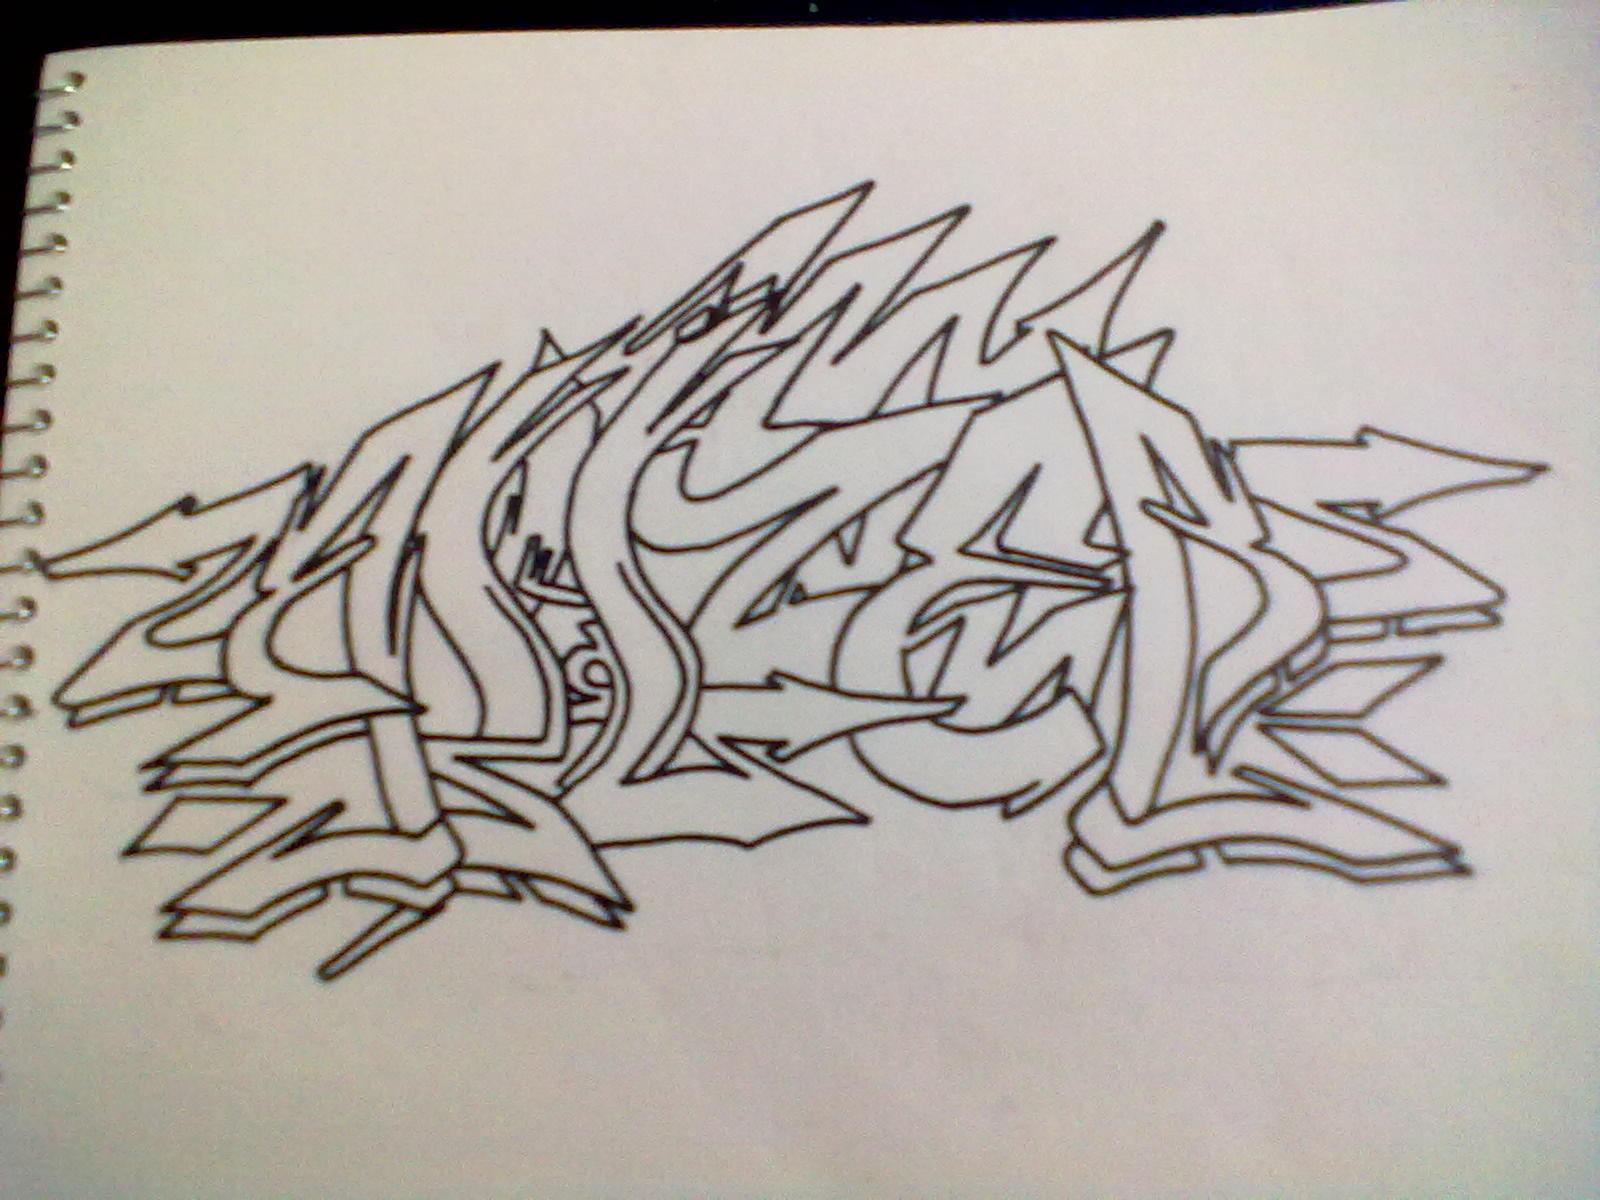 Como Hacer Sombra 3d Para Un Graffiti Wildstyle Blazeroner